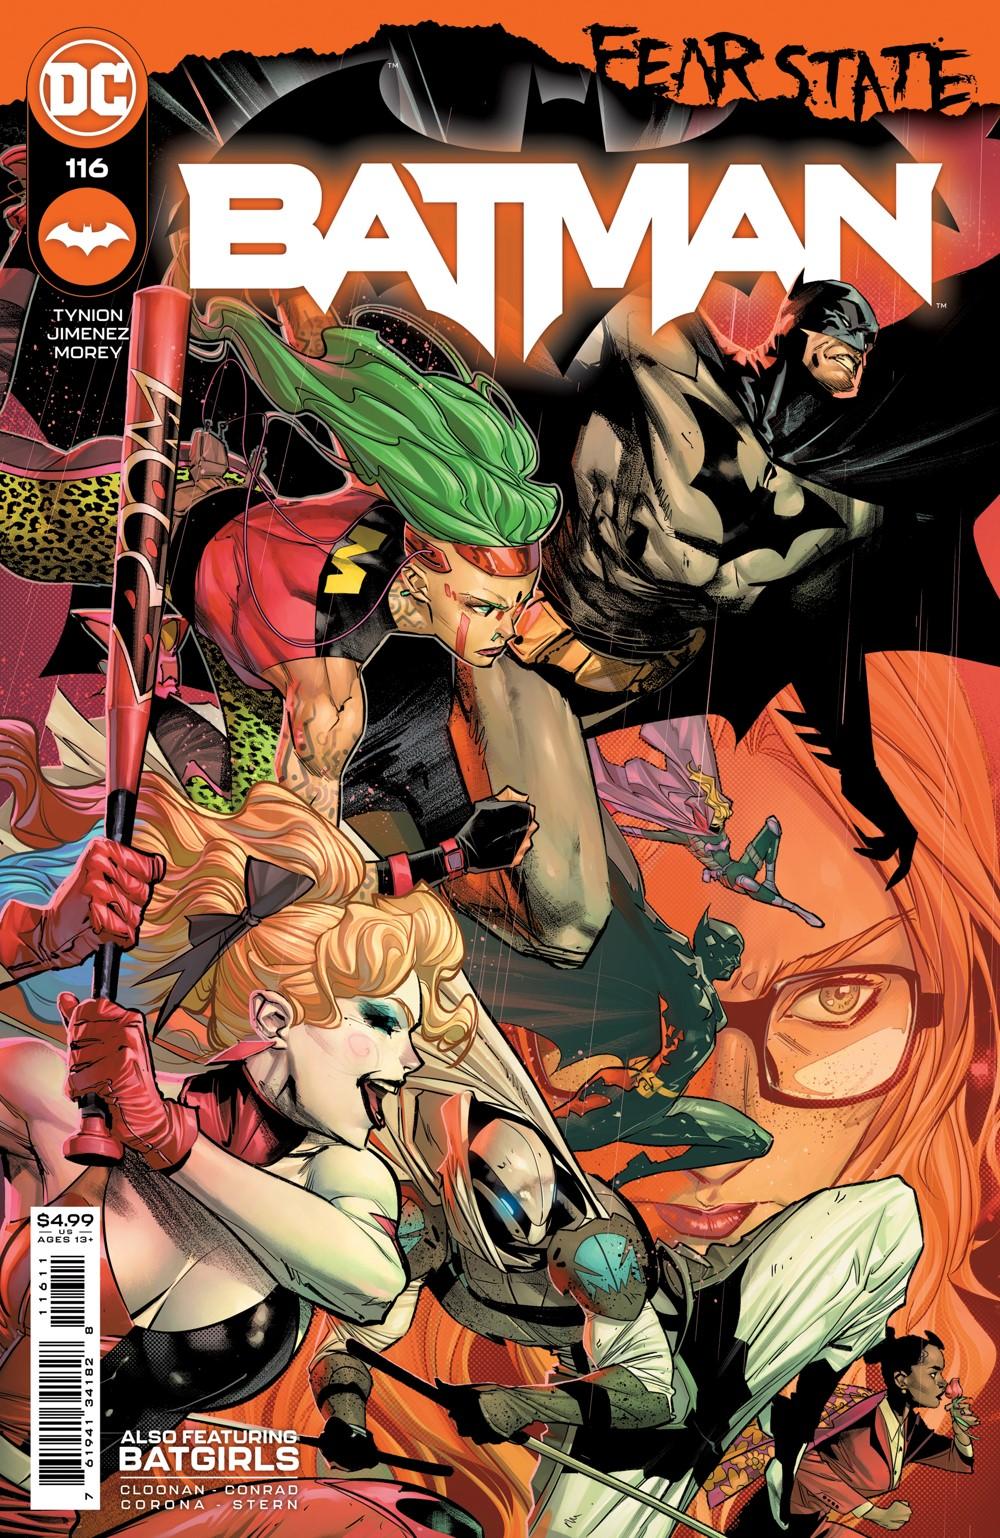 BM_Cv116 DC Comics November 2021 Solicitations